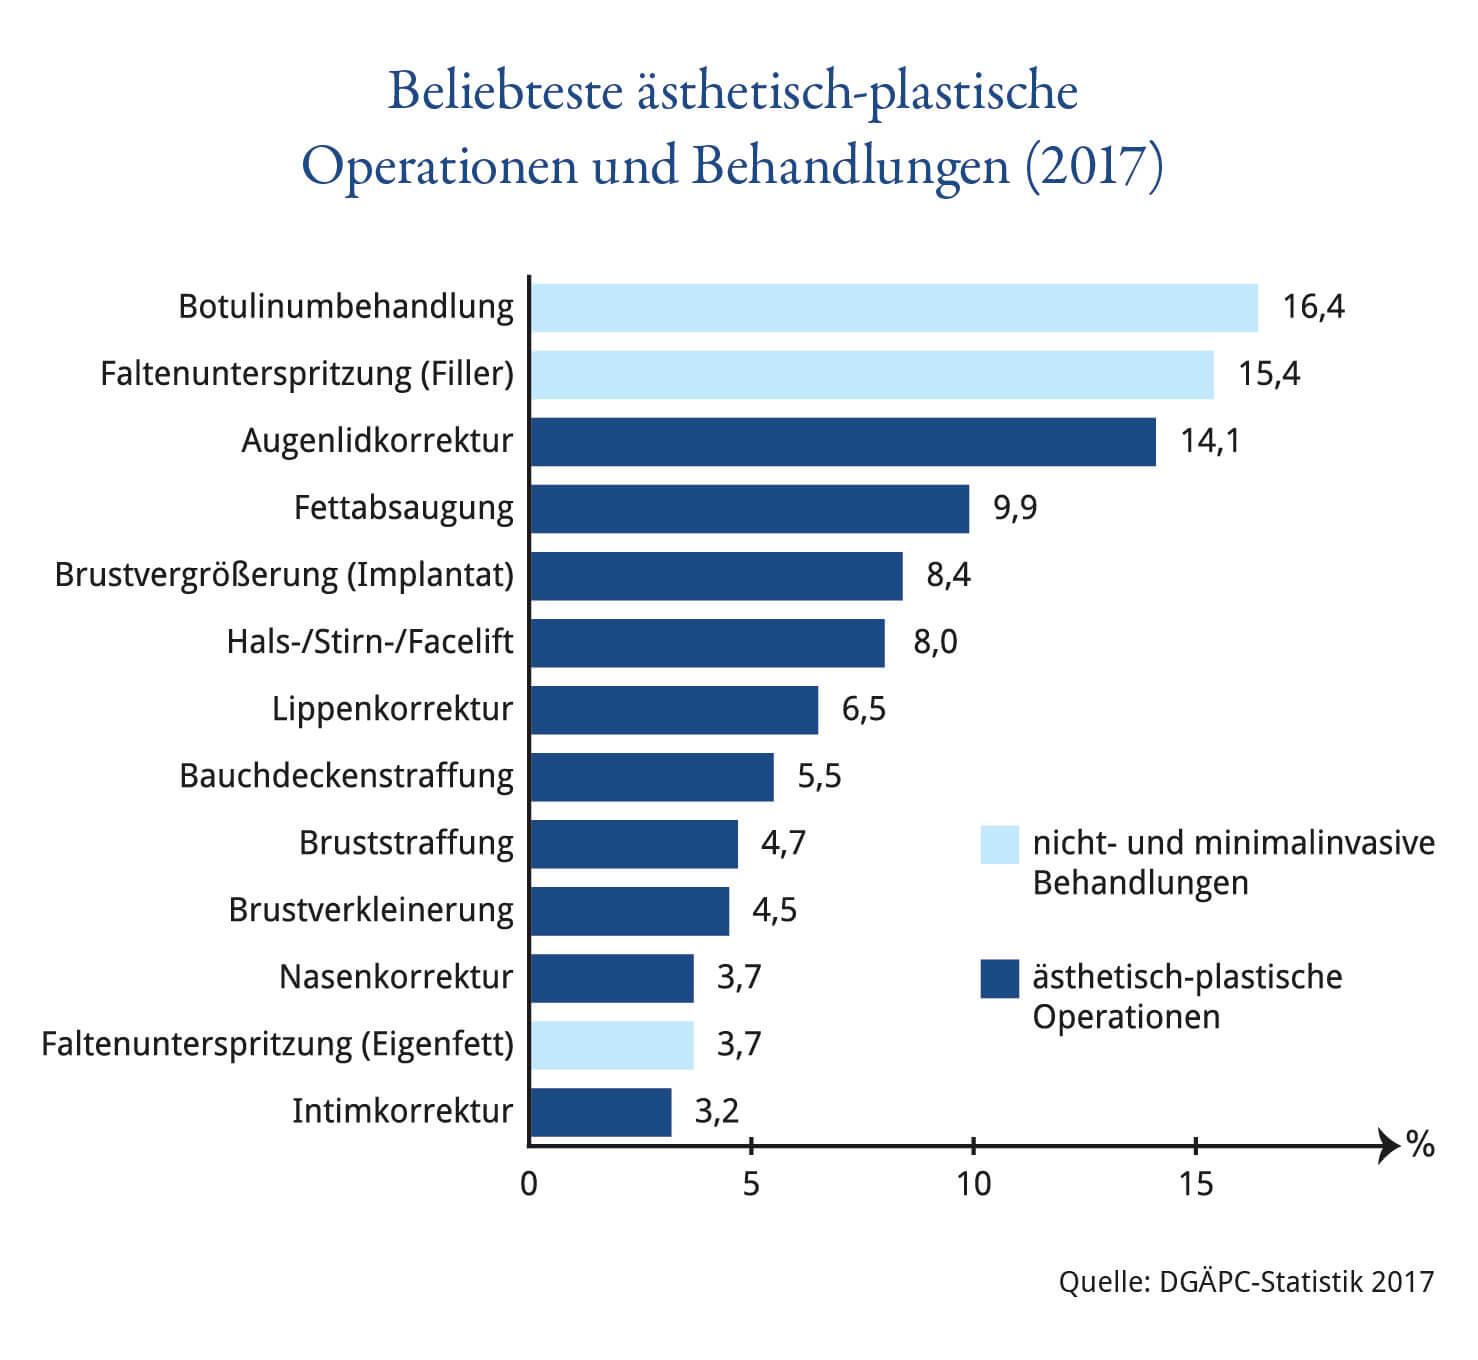 Beliebteste ästhetisch-plastische Behandlungen 2017